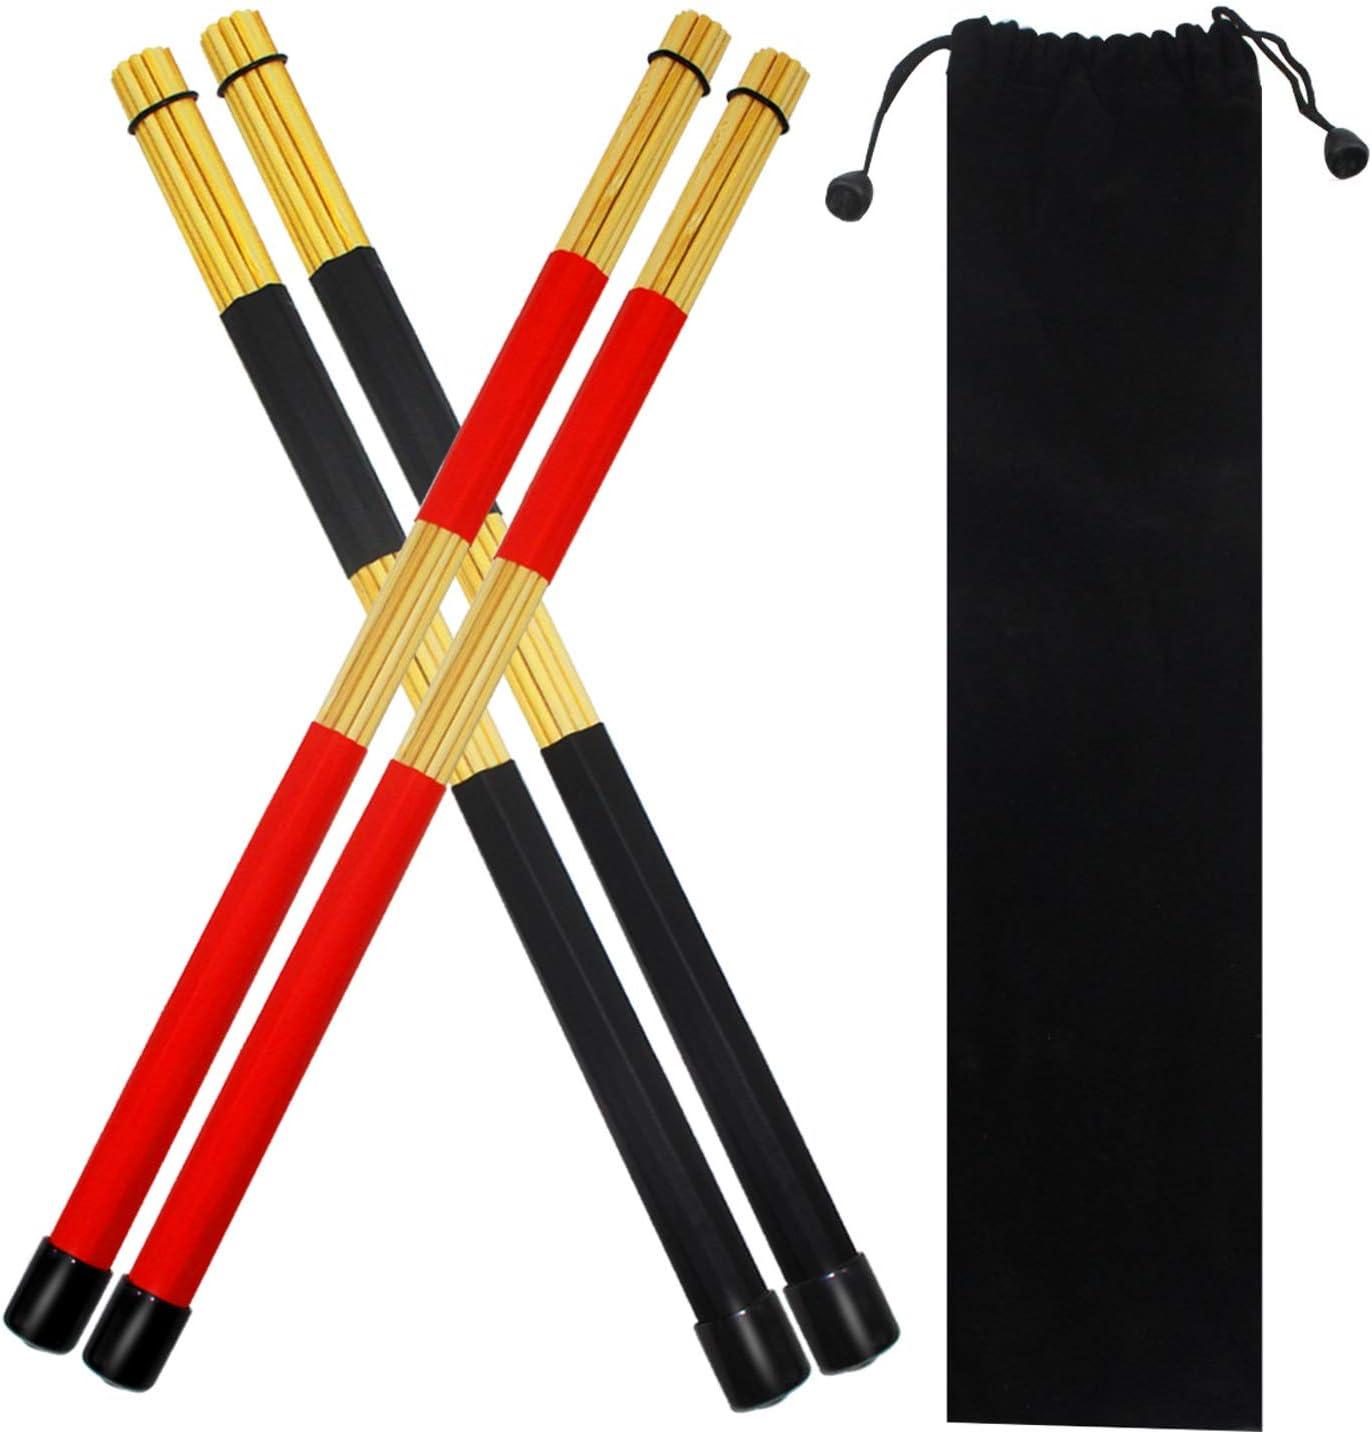 Weimeet 2 Pieces Drum Sticks Brushes Hot Rods Rute Jazz Drumsticks